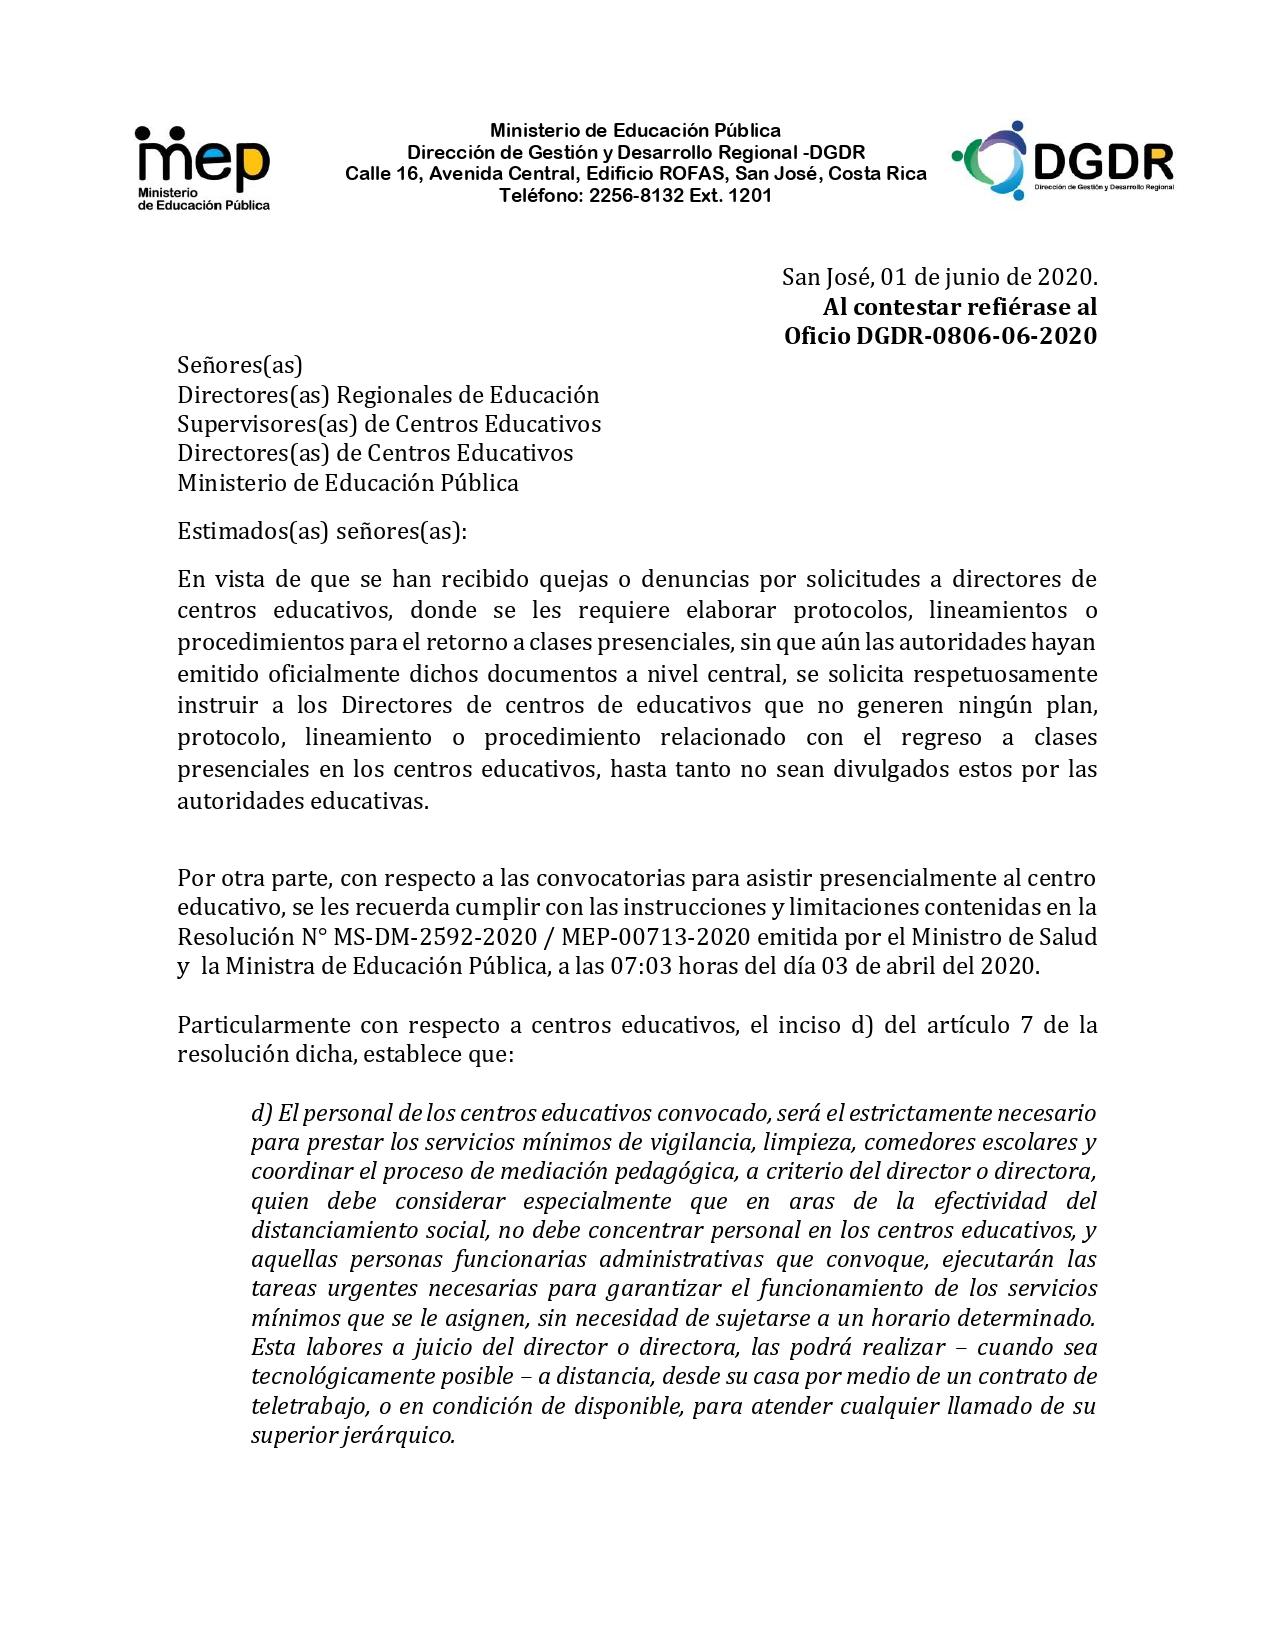 MEP EMITE CIRCULAR GIRANDO INSTRUCCIÓN A DIRECTORES RESPECTO A CONVOCATORIAS PRESENCIALES A CENTROS EDUCATIVOS